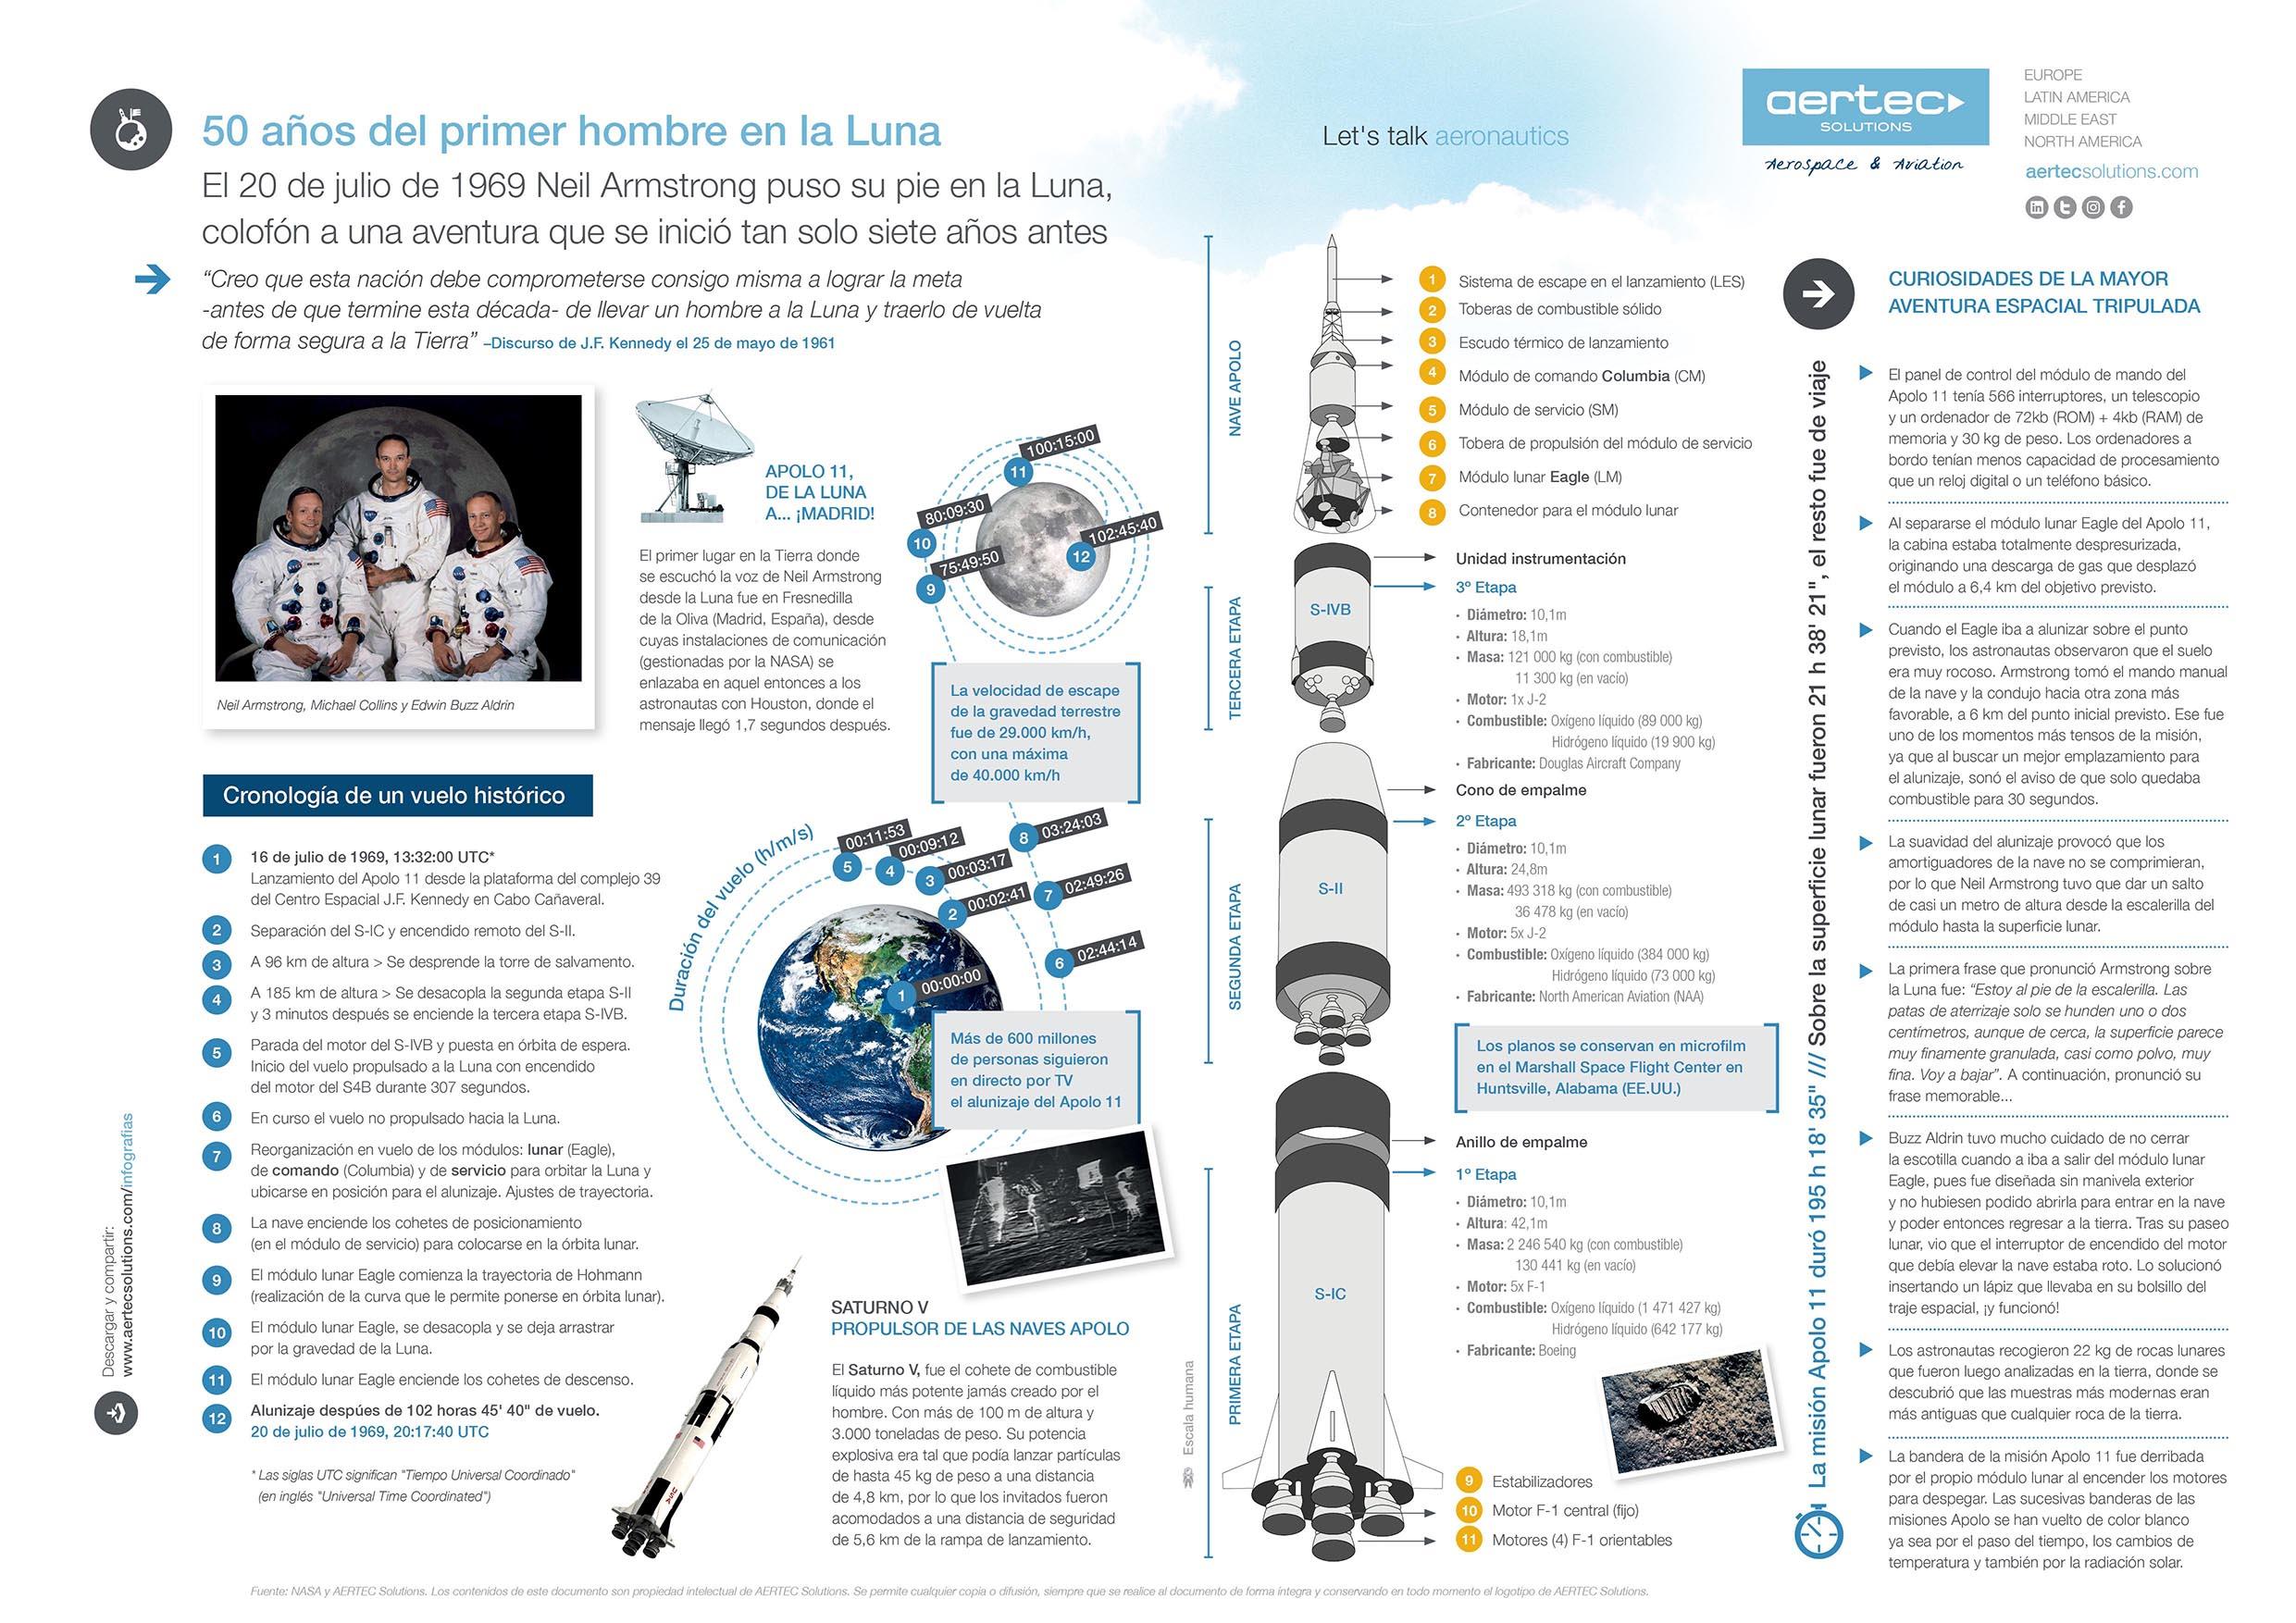 Infografía / 50 años de la llegada a la Luna